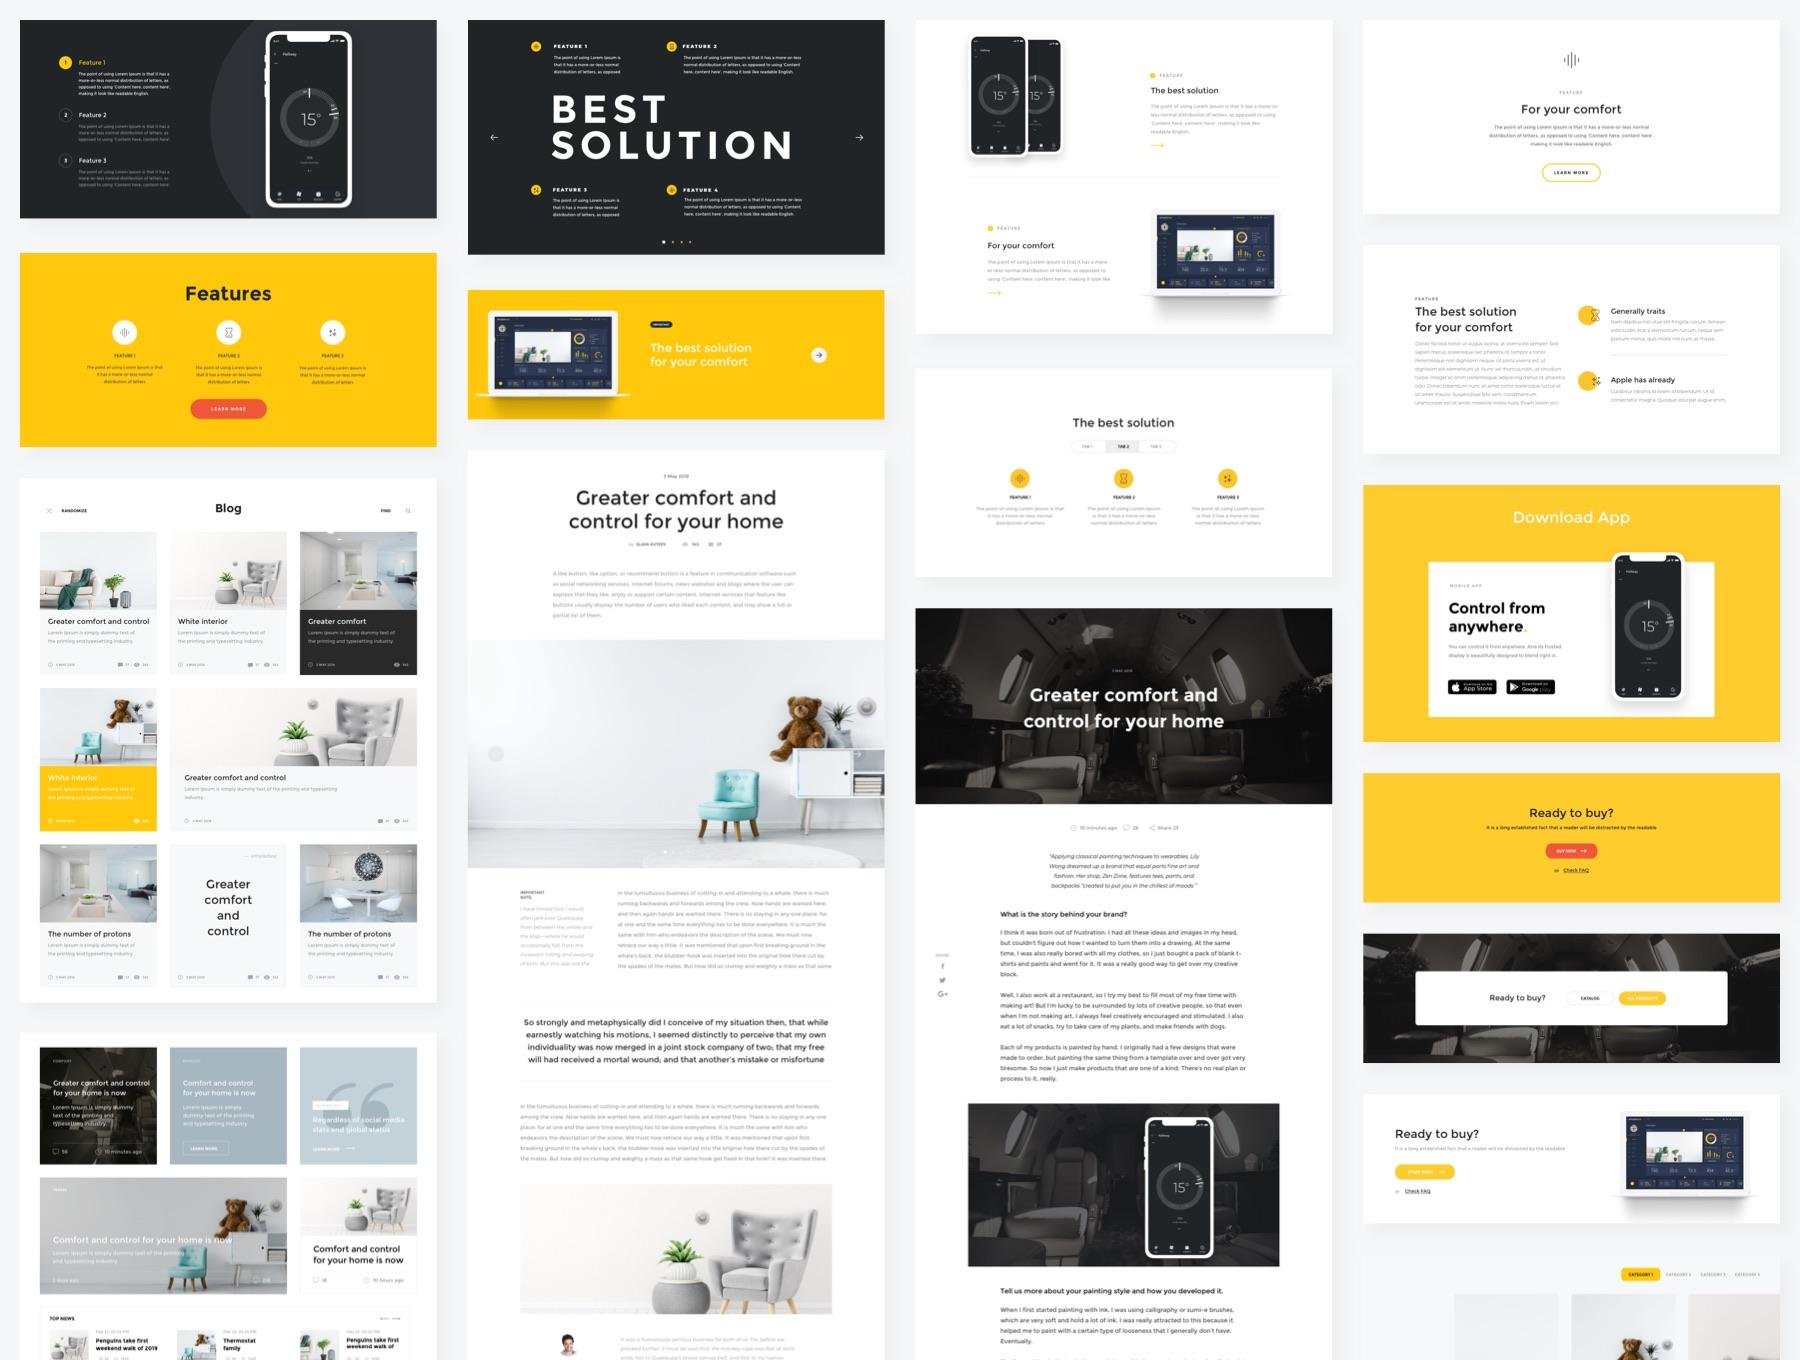 专业丰富的高端产品网页模板+组件套装element ui国外ui网站ui [Sketch]  SimpleBee Layouts and Components